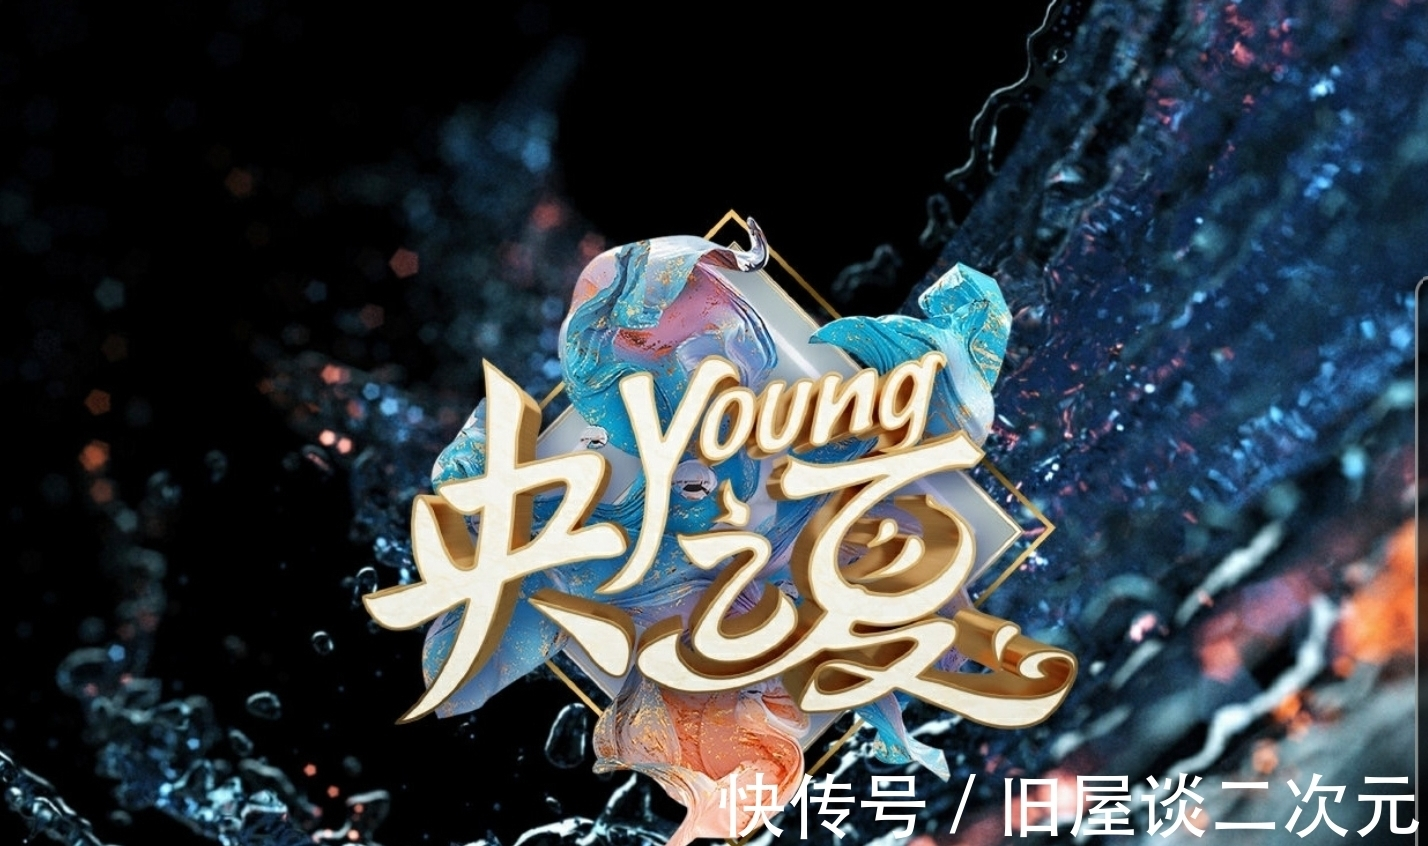 《央young之夏》教科书级综艺节目 国家队拍摄了网友打来的电话并请出道到位